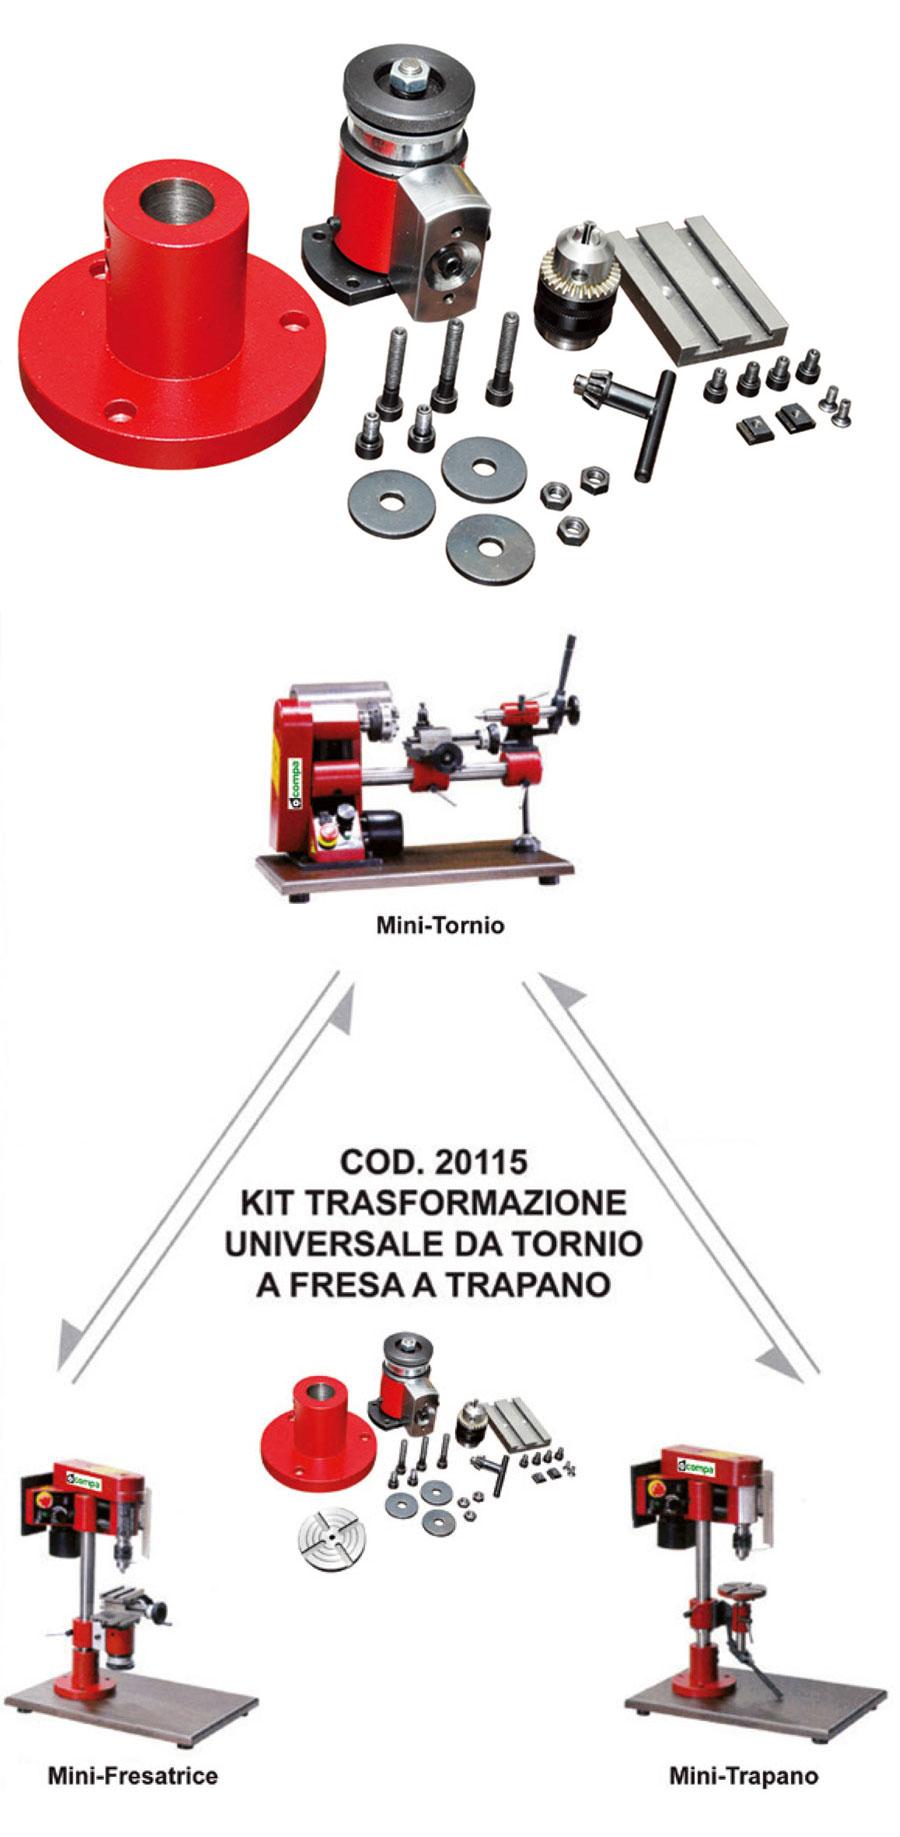 Kit trasformazione trapano e fresa mini tornio for Tornio per legno compa